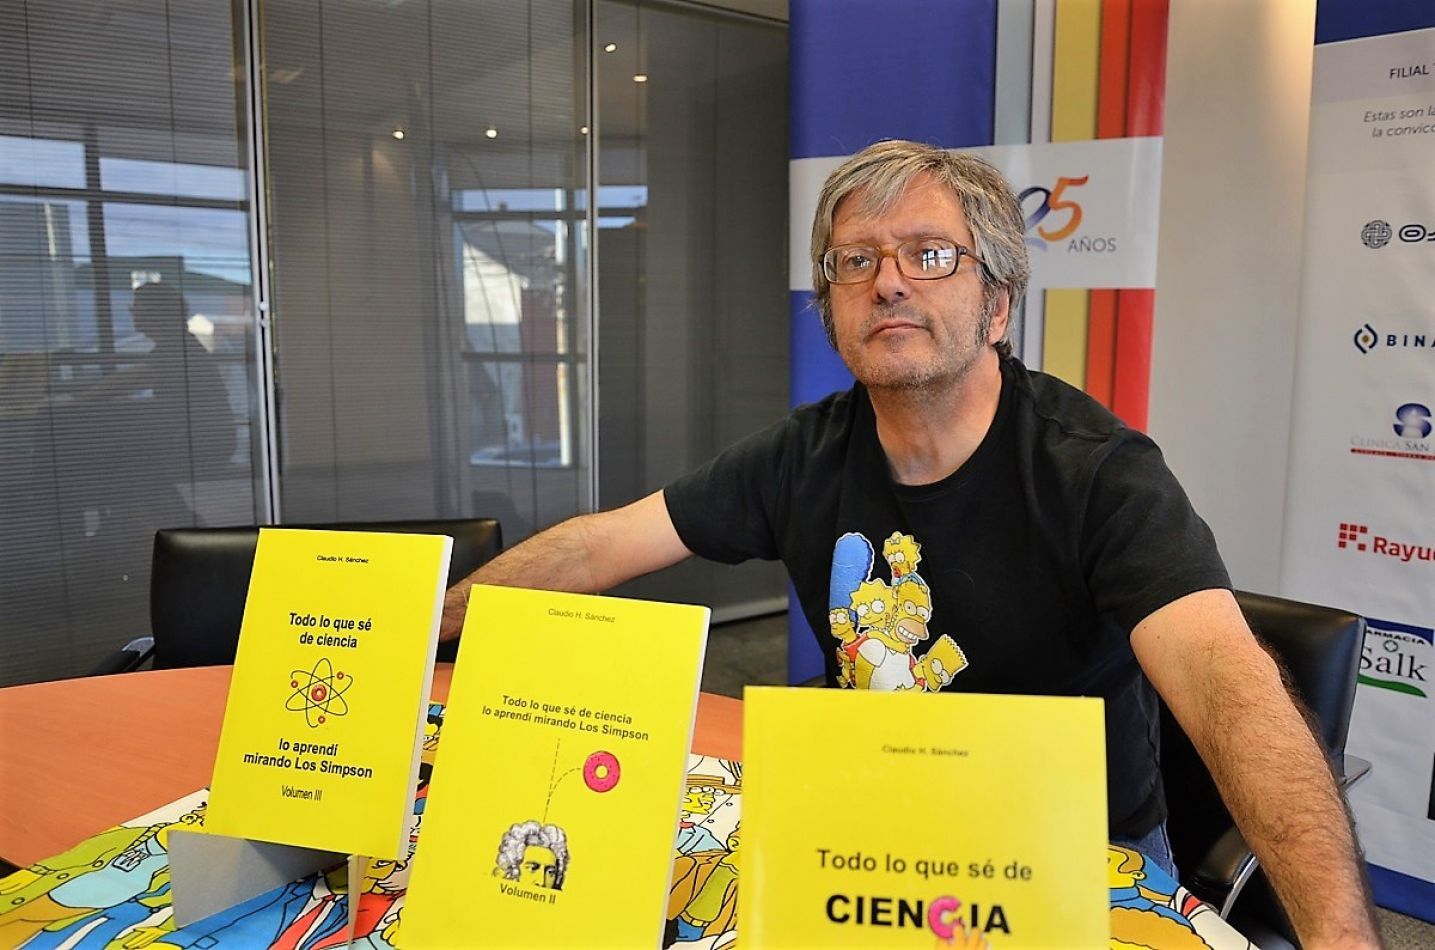 """Los tres tomos de """"Todo lo que sé de ciencia lo aprendí mirando Los Simpson"""", presentados por su autor."""